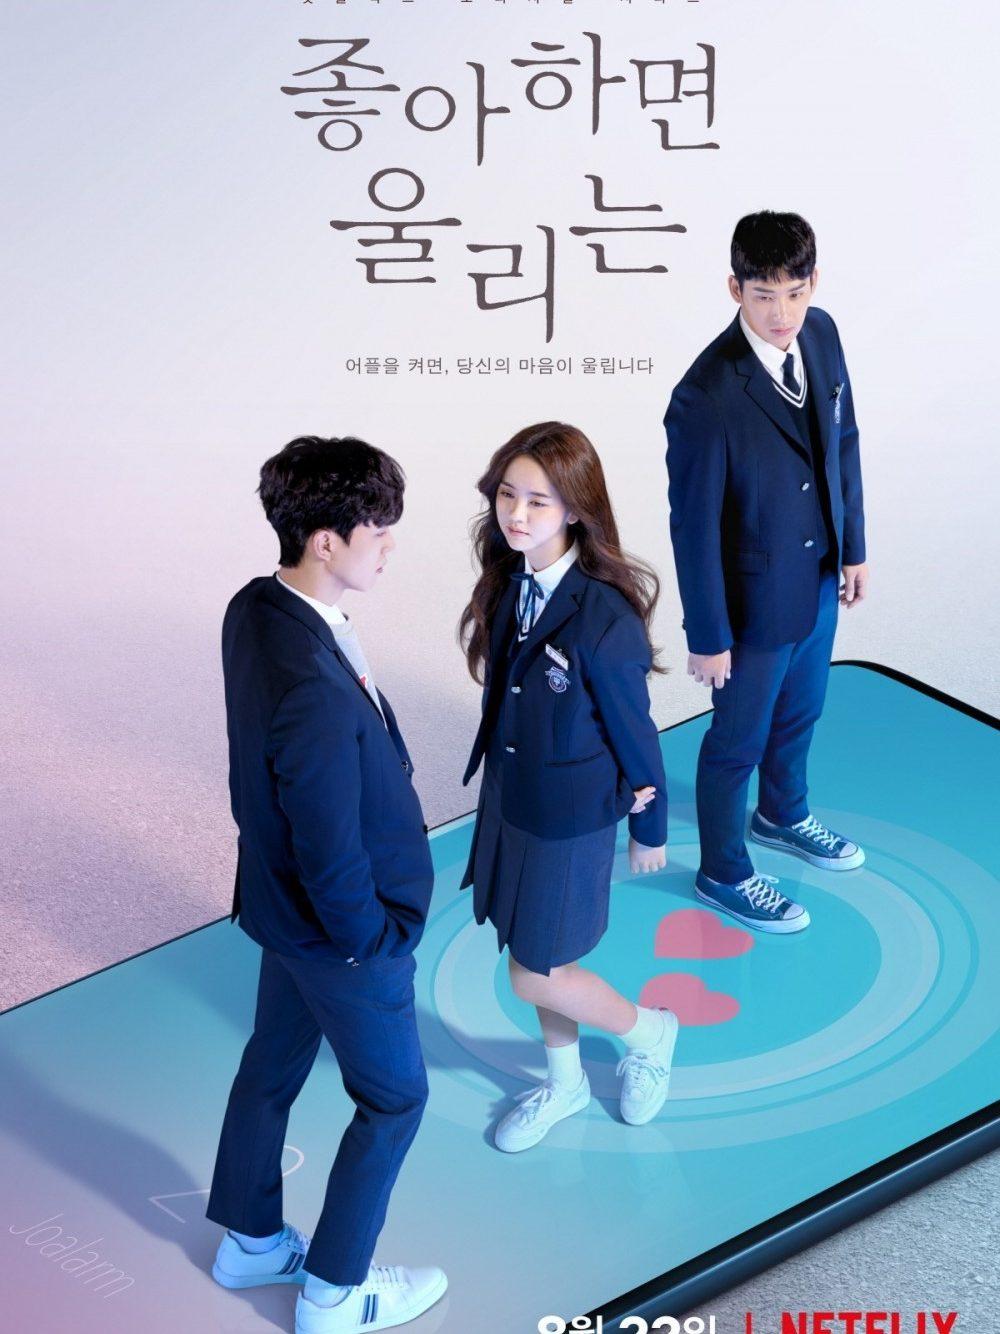 Chuông báo tình yêu 1, 2 - Phim tâm lý tình cảm Hàn Quốc học đường 2019